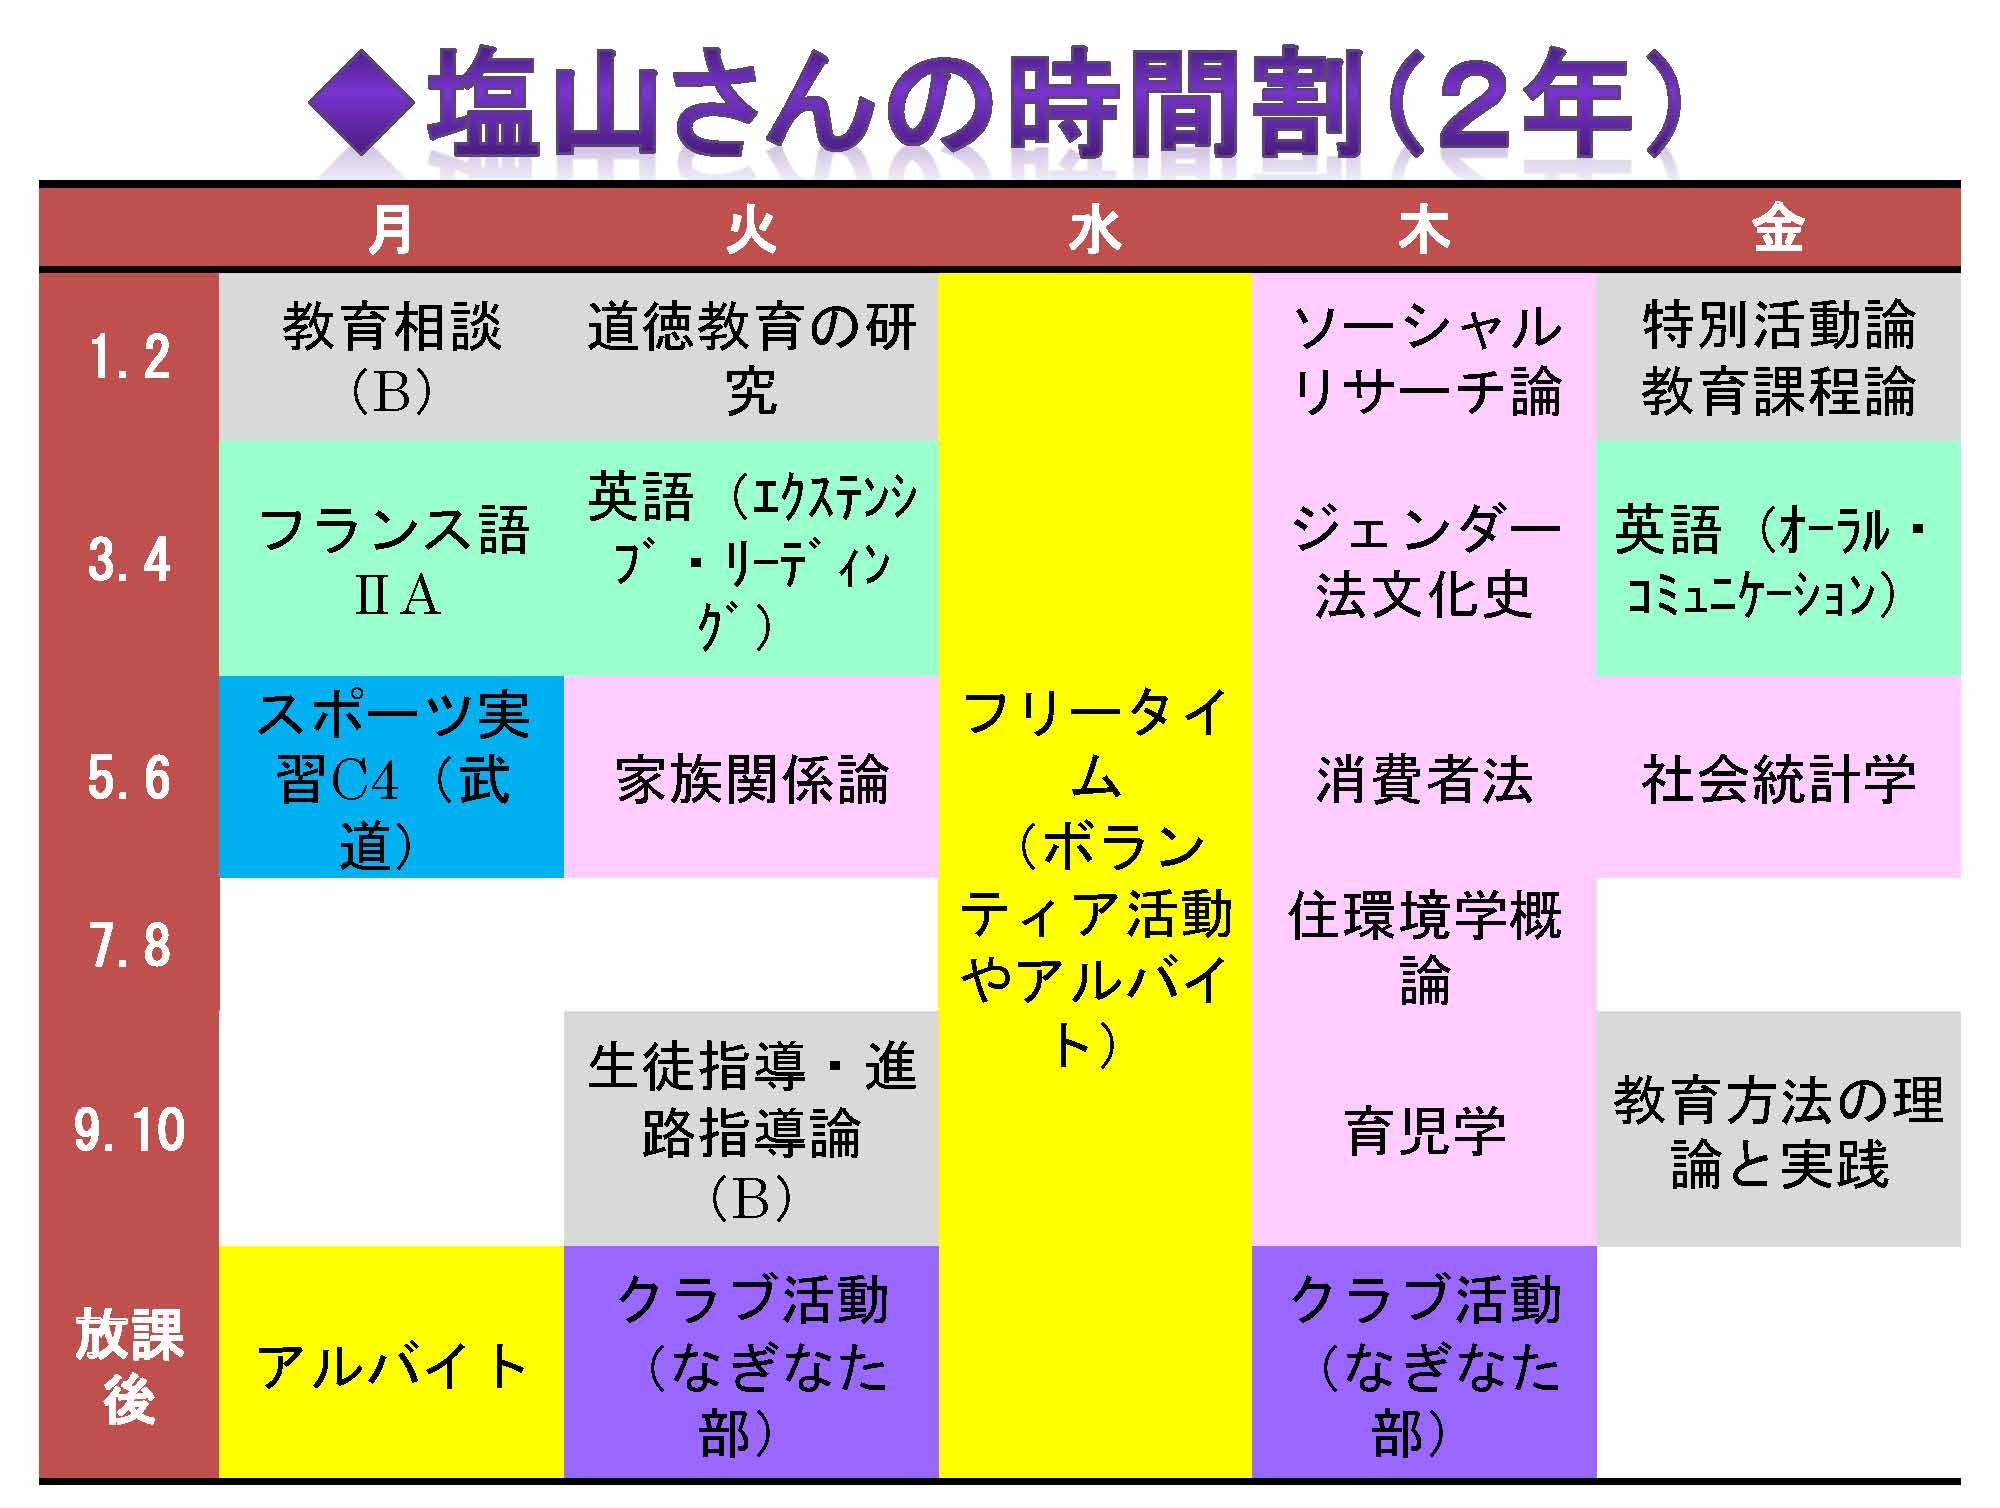 生活文化学科案内(OC)秋版_ページ_07